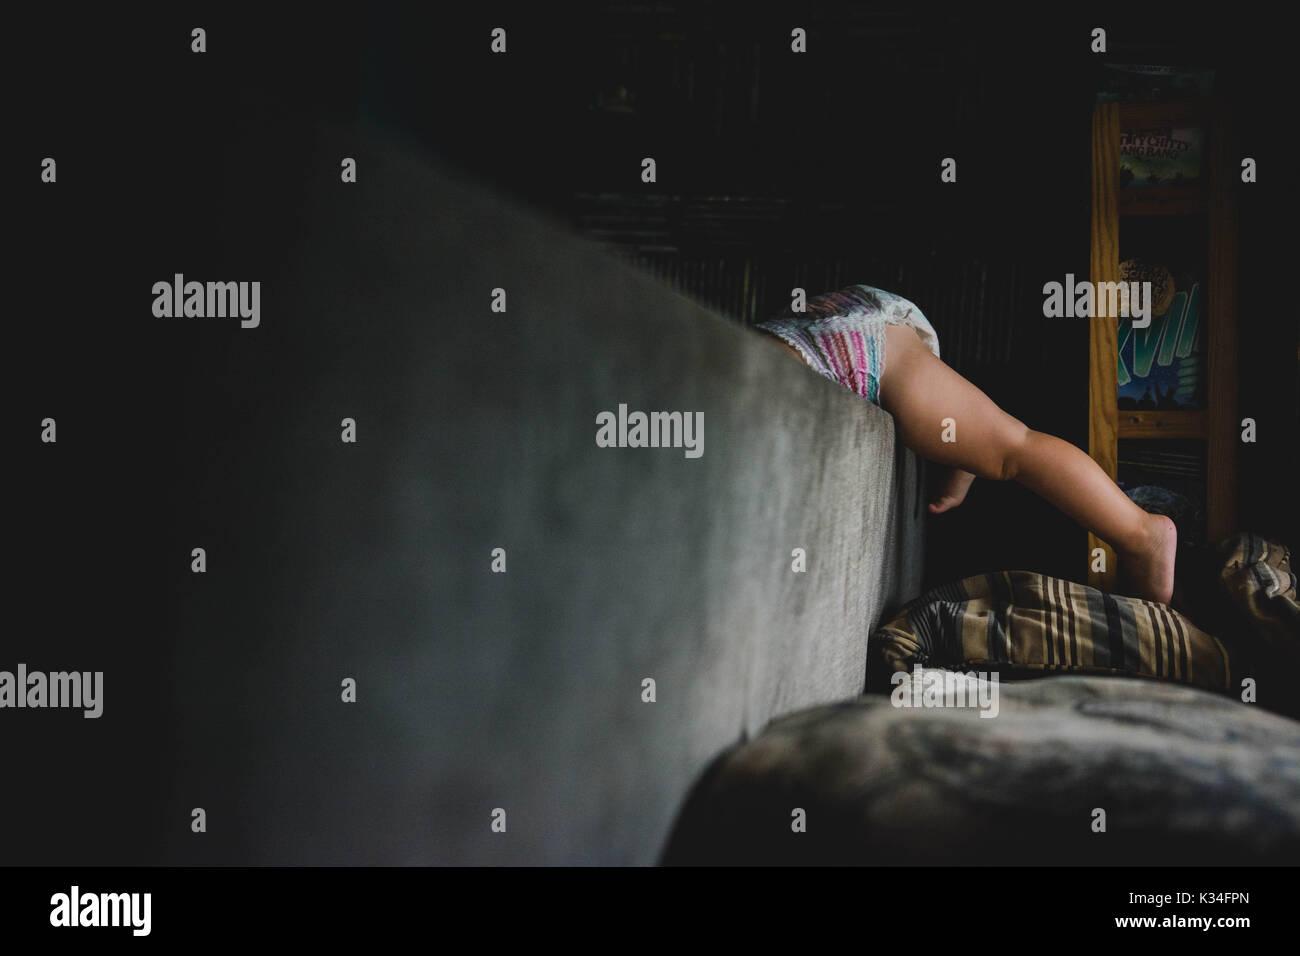 Un pañal clad toddler trepa sobre un sofá con sus piernas apareciendo Imagen De Stock